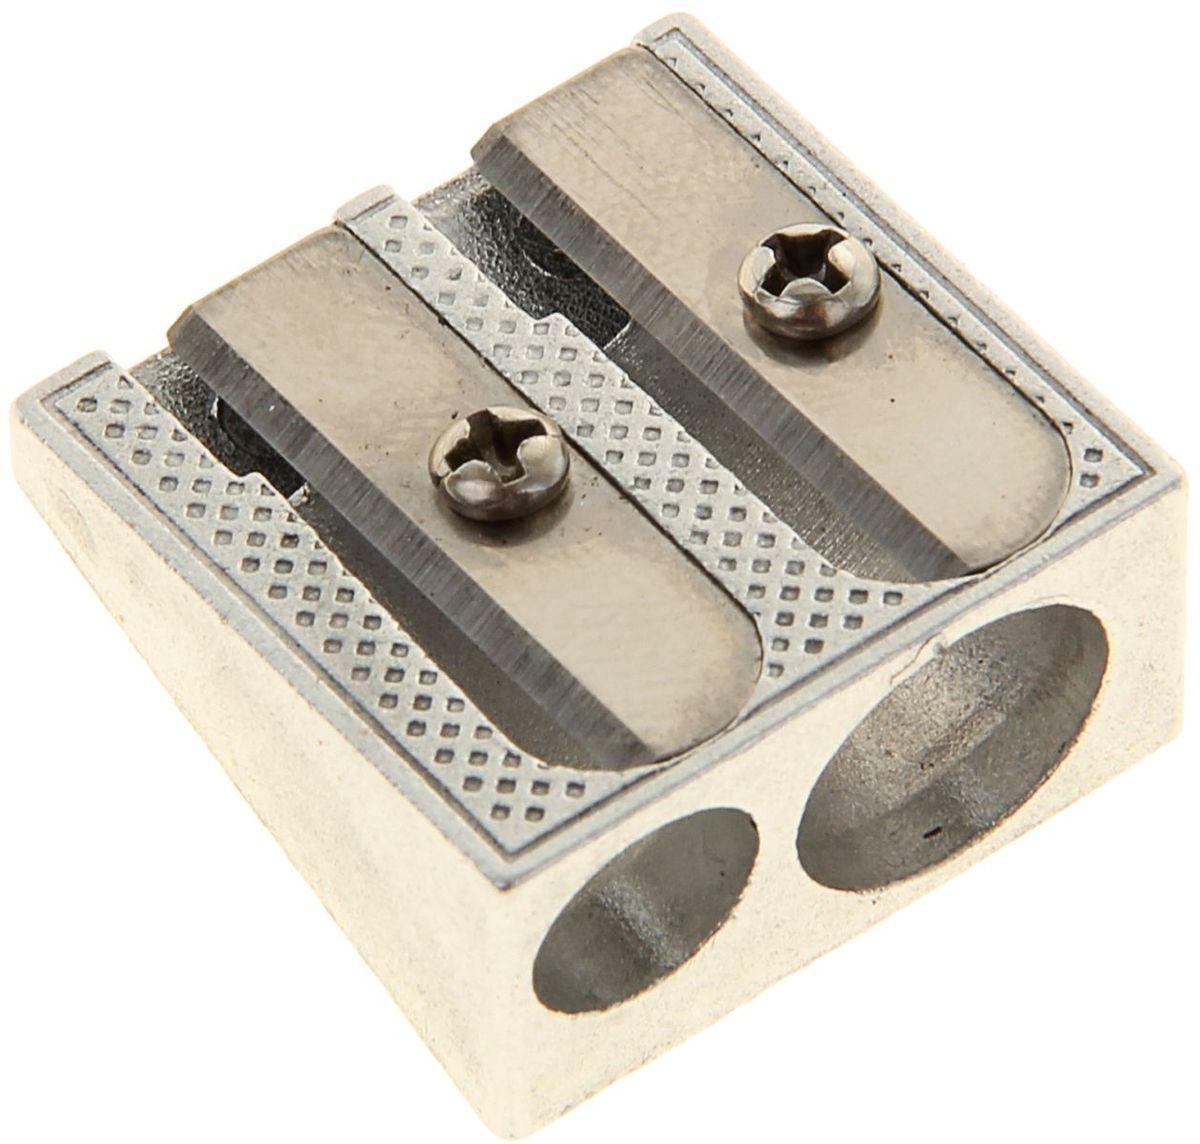 Erich Krause Точилка двойная Ferro Plus1056632Двойная точилка Erich Krause Ferro Plus имеет ударопрочный металлический корпус.Оснащена двумя отверстиями диаметром 8 мм и 11 мм для заточки стандартных и утолщенных (Jumbo) карандашей.Высококачественное стальное лезвие обеспечивает аккуратную и острую заточку.